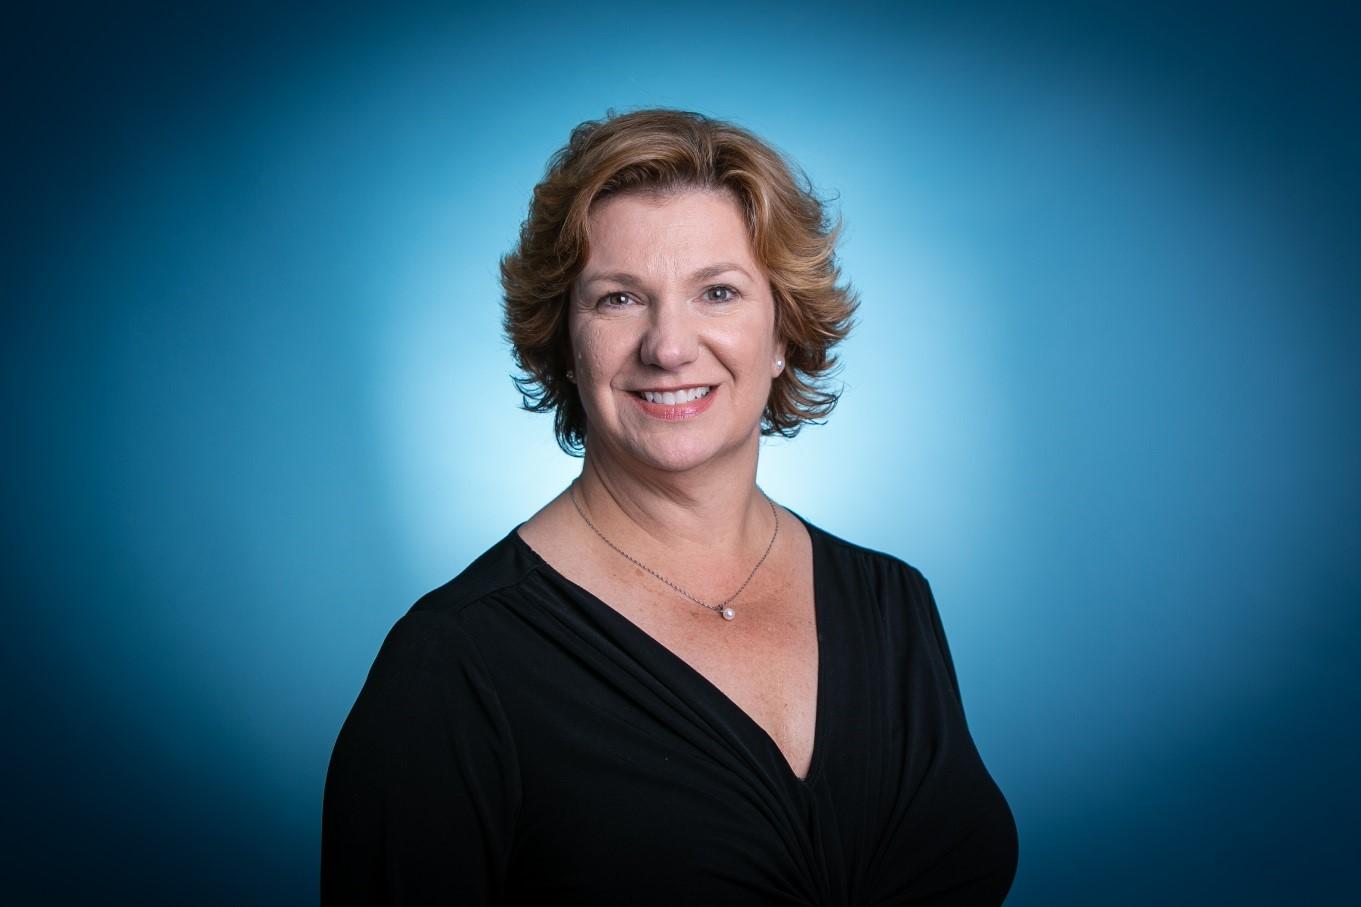 Christine Valls nombrada como nueva Directora General de Ventas para la Florida, América Latina, El Caribe y el mercado hispano en los EE UU